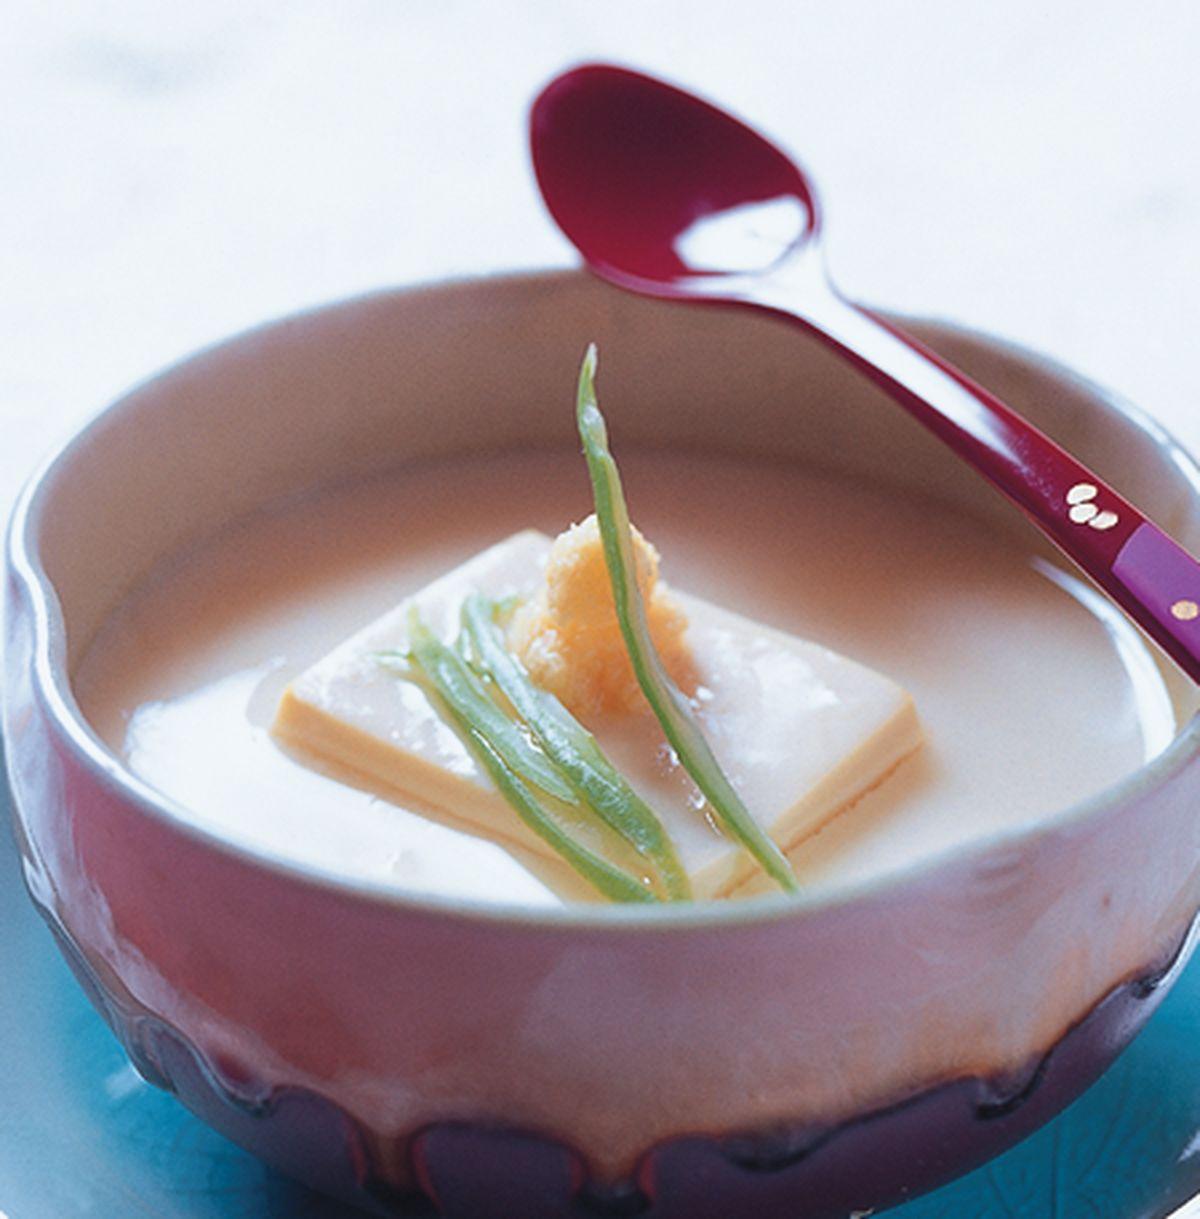 食譜:豆腐茶碗蒸